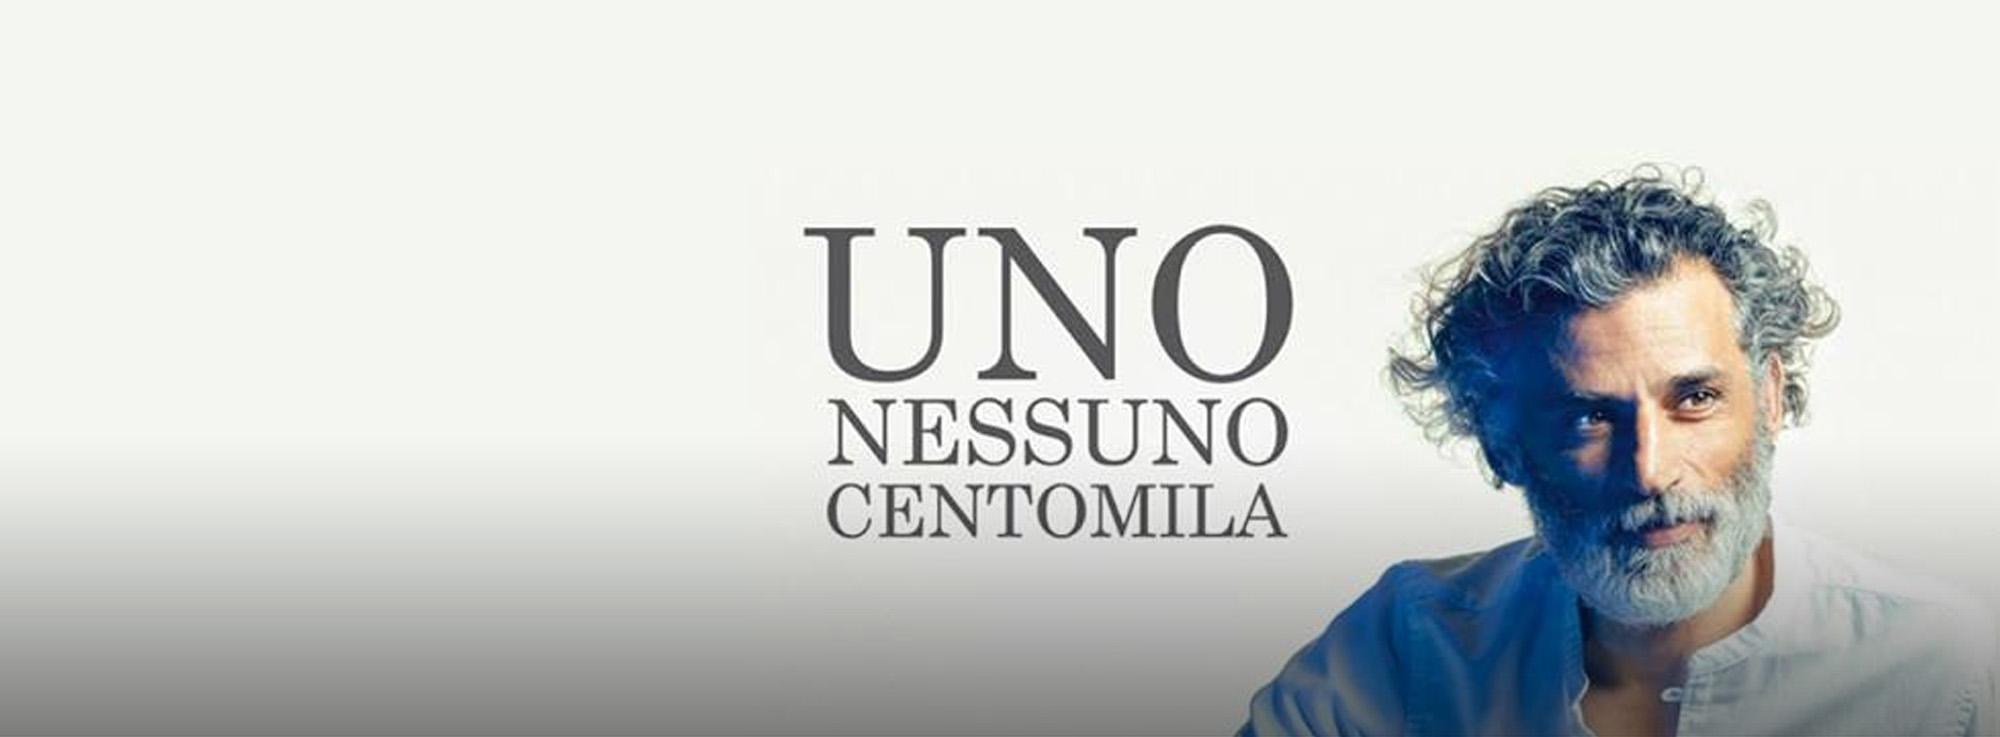 Barletta: Uno, nessuno e centomila